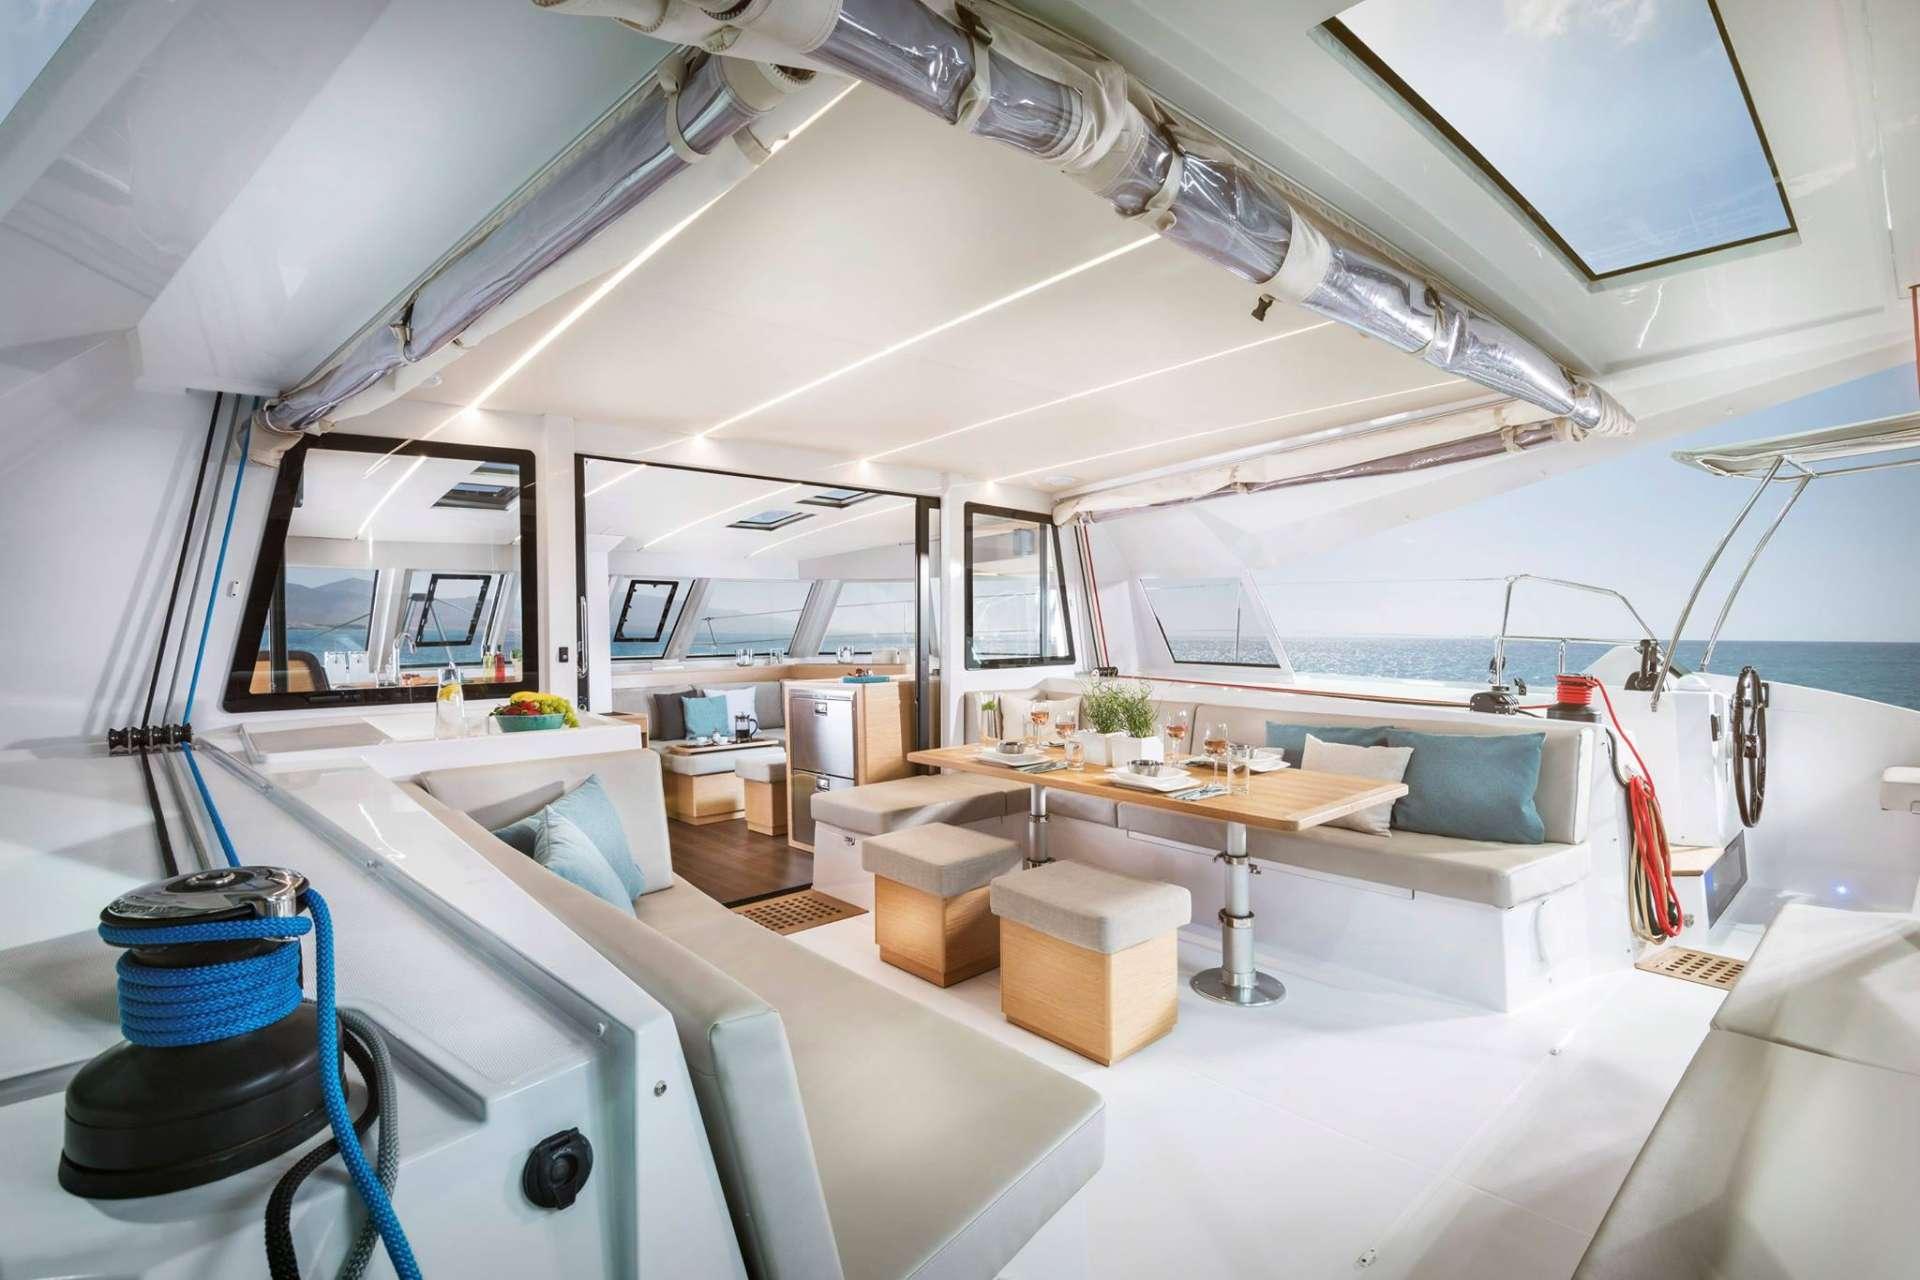 Aft deck and cockpit